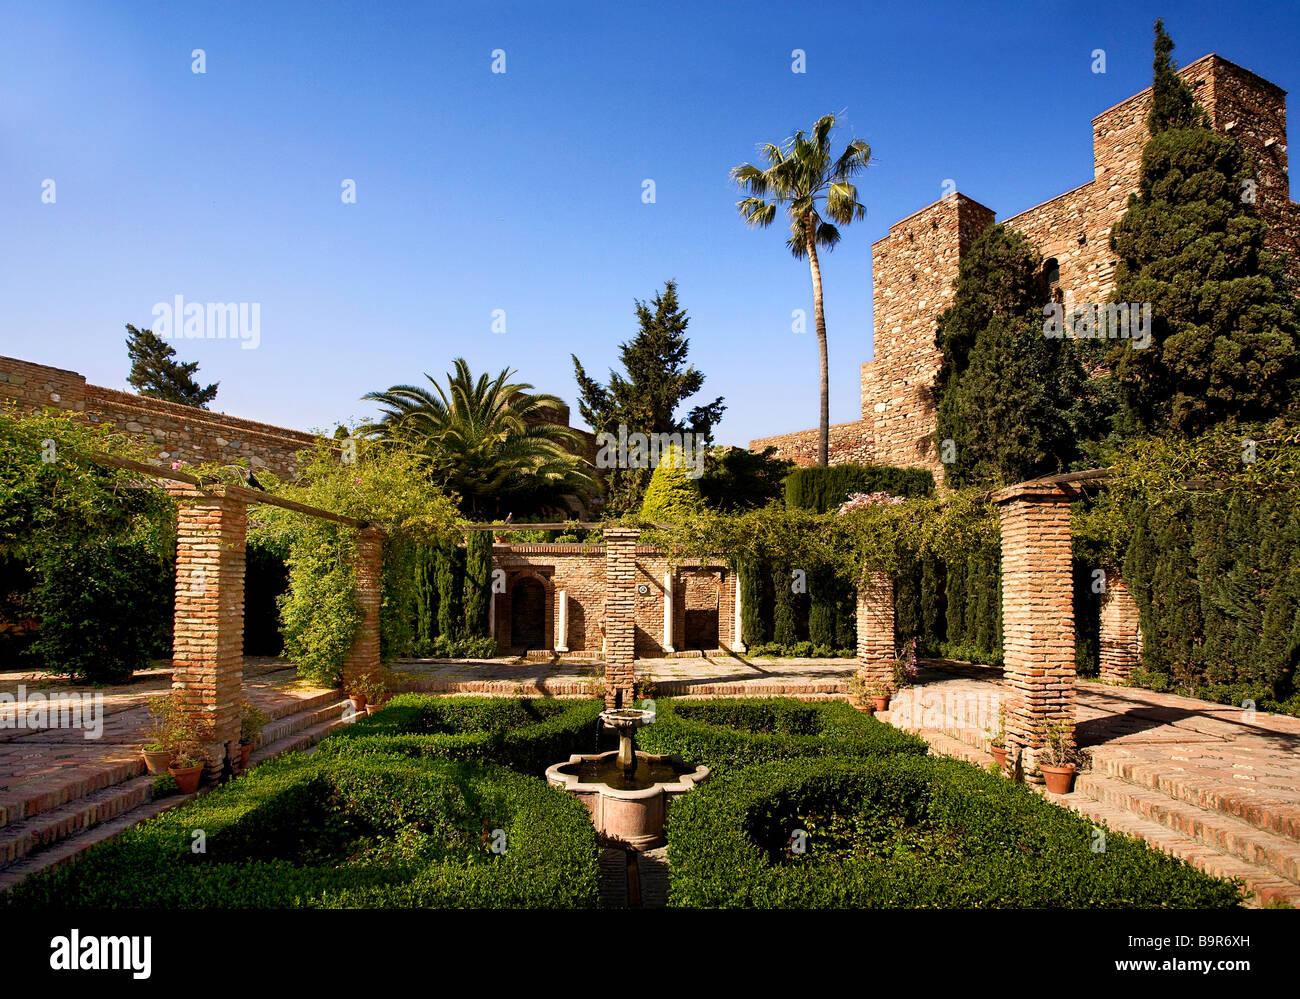 Alcazaba, Malaga Spain Stock Photo, Royalty Free Image ...